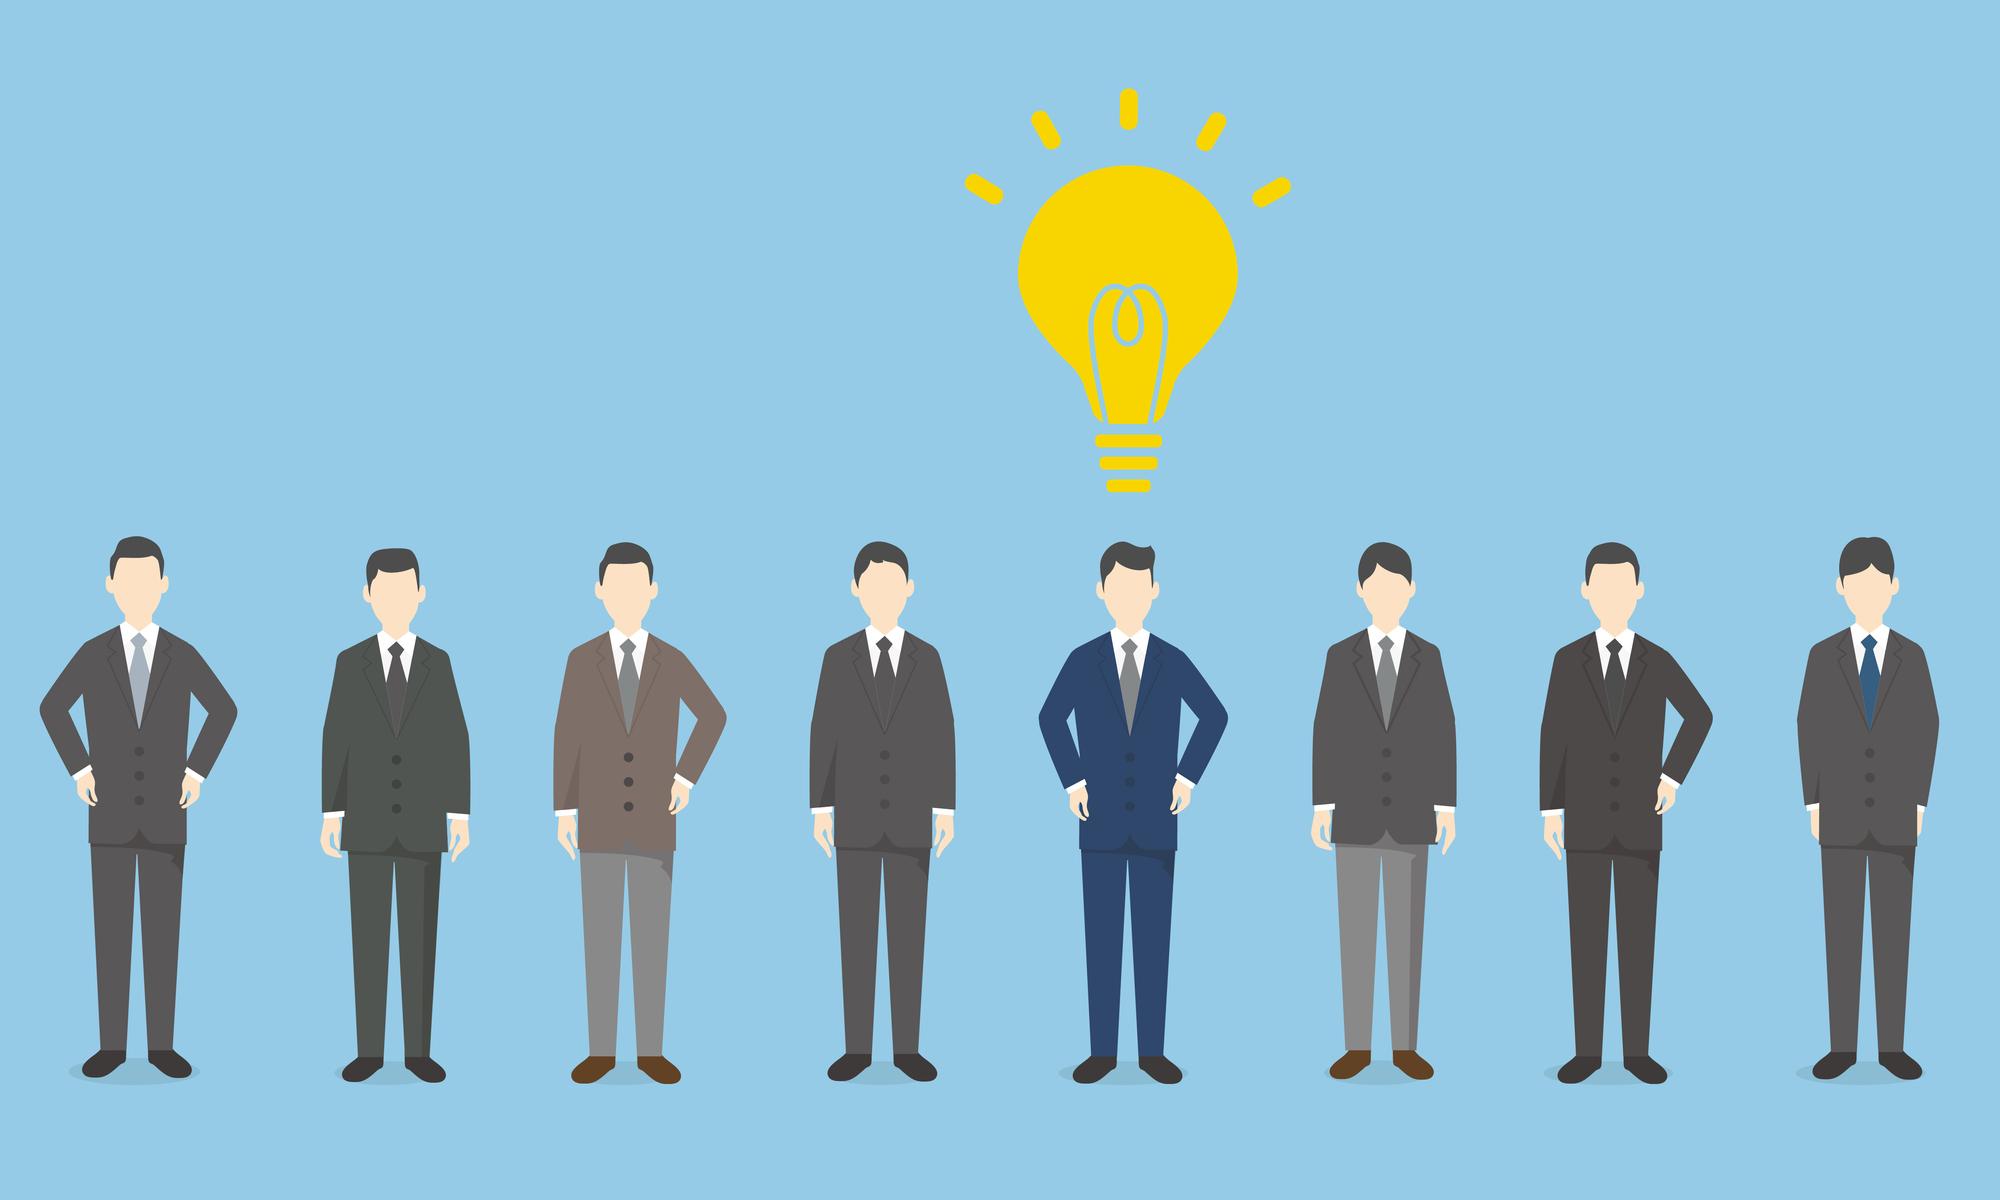 今の組織に新入社員が入ってきても大丈夫か?という気持ちの方へ 不必要な離職を防ぎ、若手社員の定着と活躍を促す組織を作るポイントセミナー